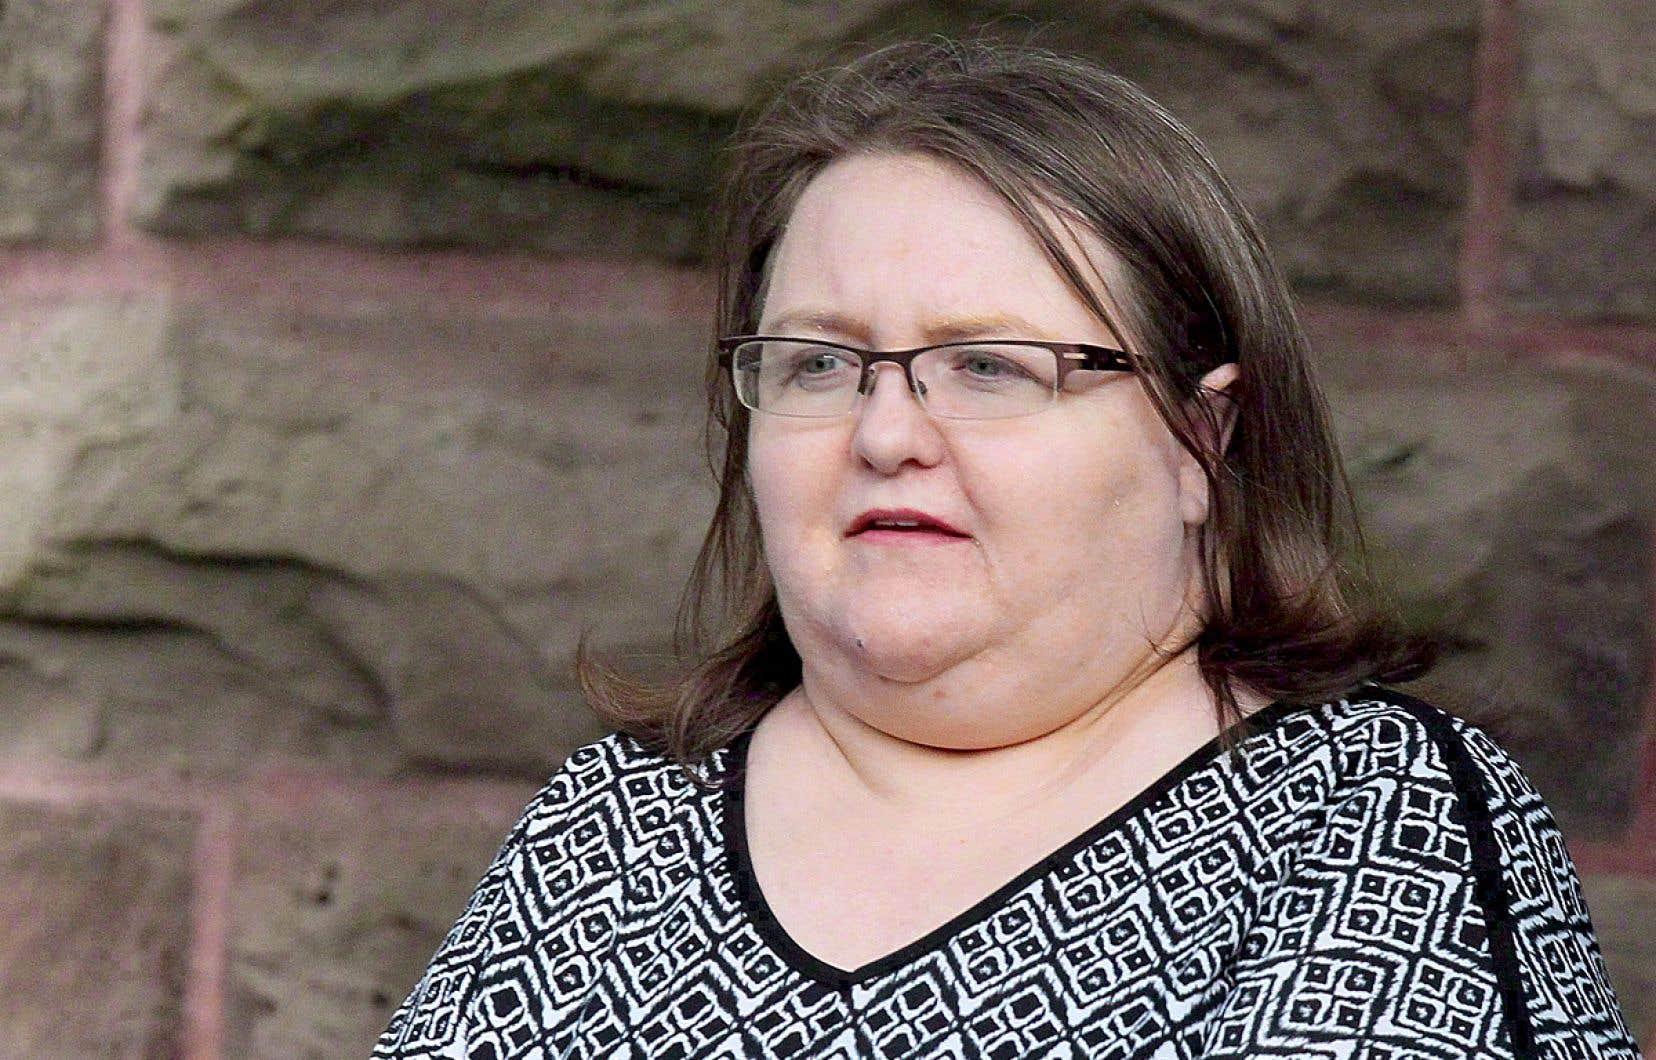 Elizabeth Wettlaufer a été condamnée en 2017 à la prison à vie pour les meurtres par surdoses d'insuline de huit personnes et la tentative de meurtre de quatre autres.